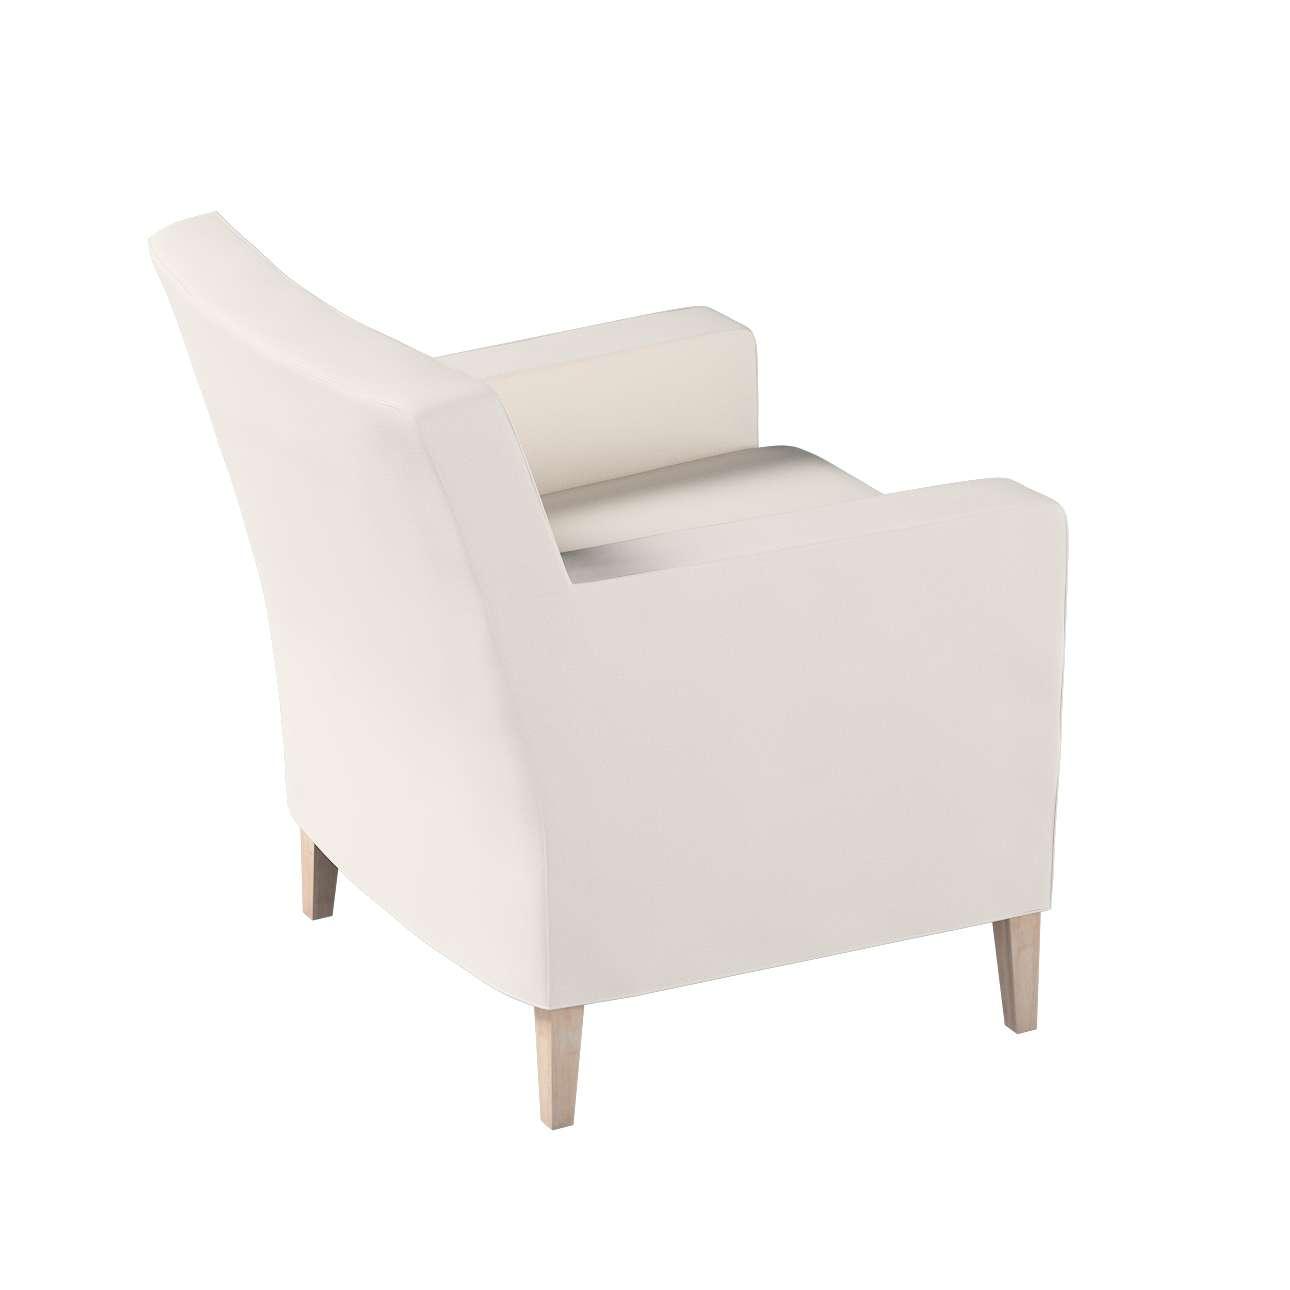 Pokrowiec na fotel Karlstad w kolekcji Etna, tkanina: 705-01